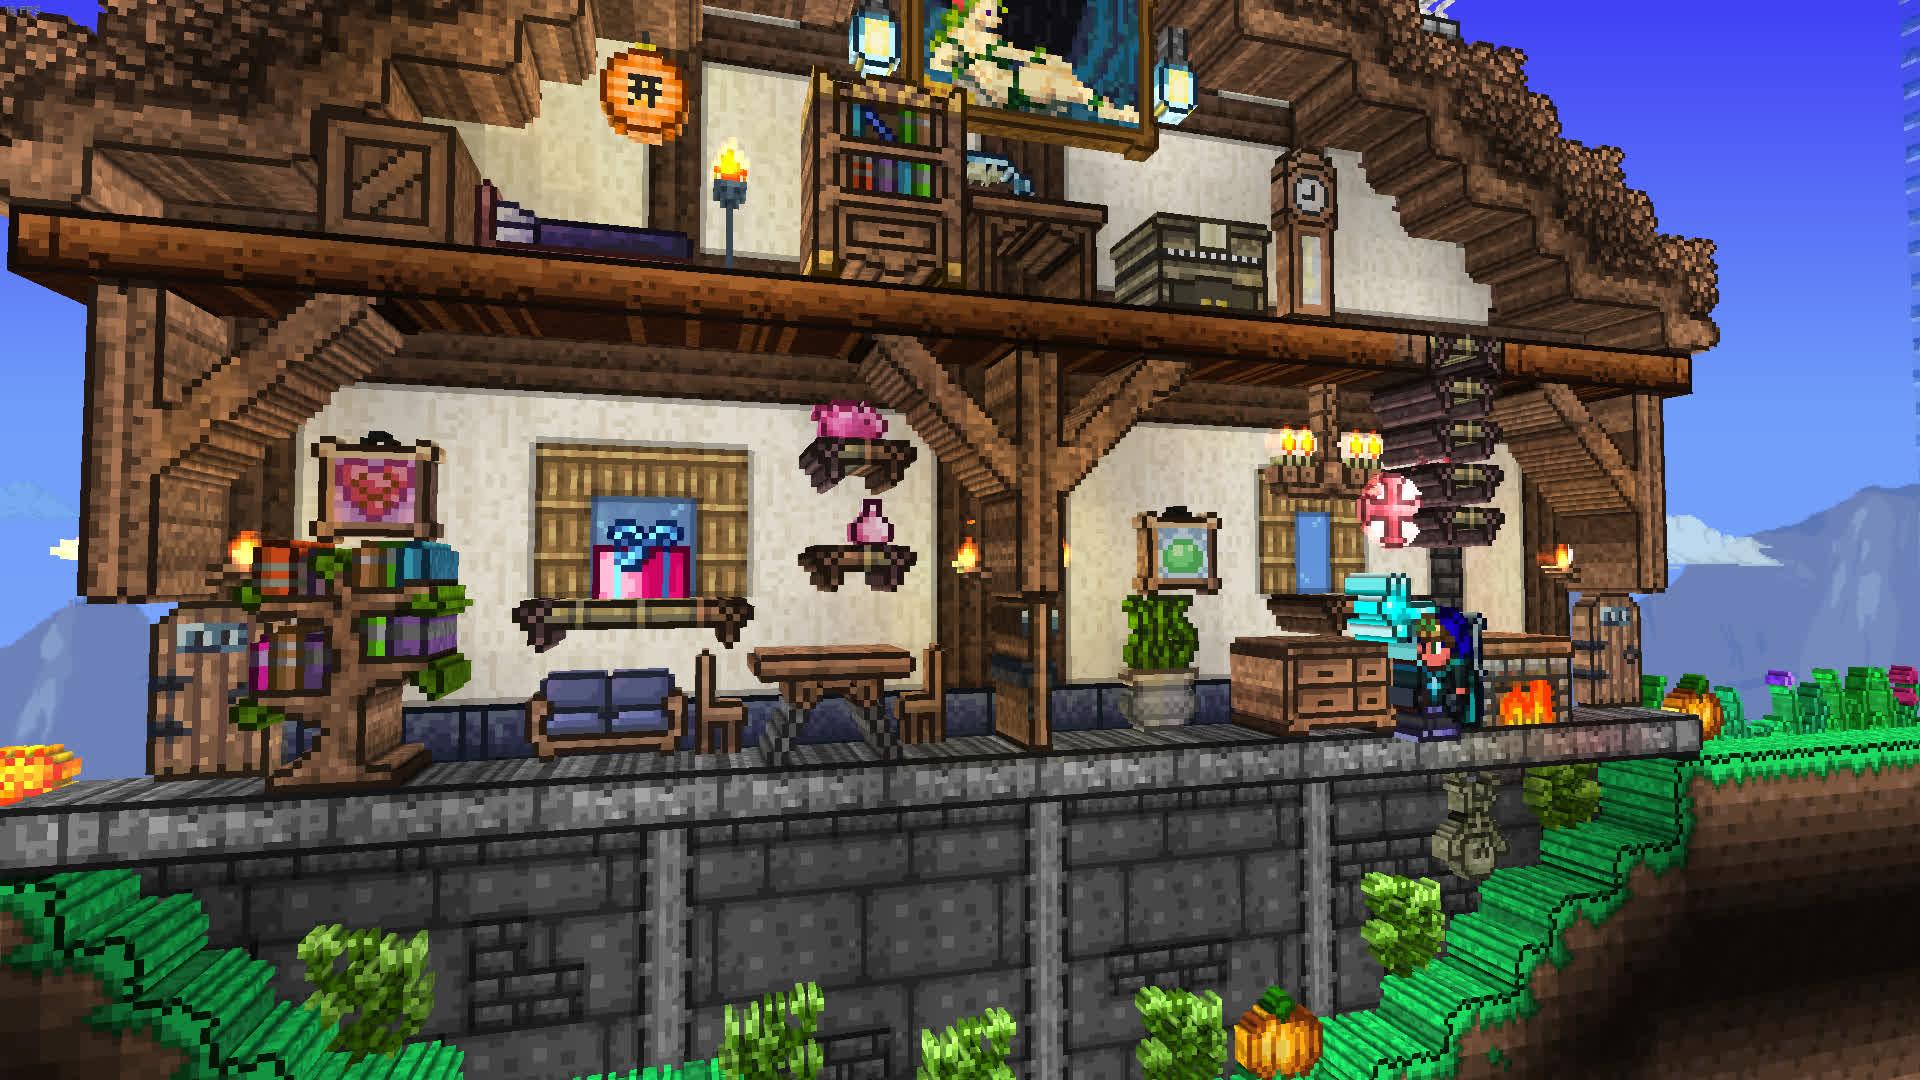 The 3D Terraria mod